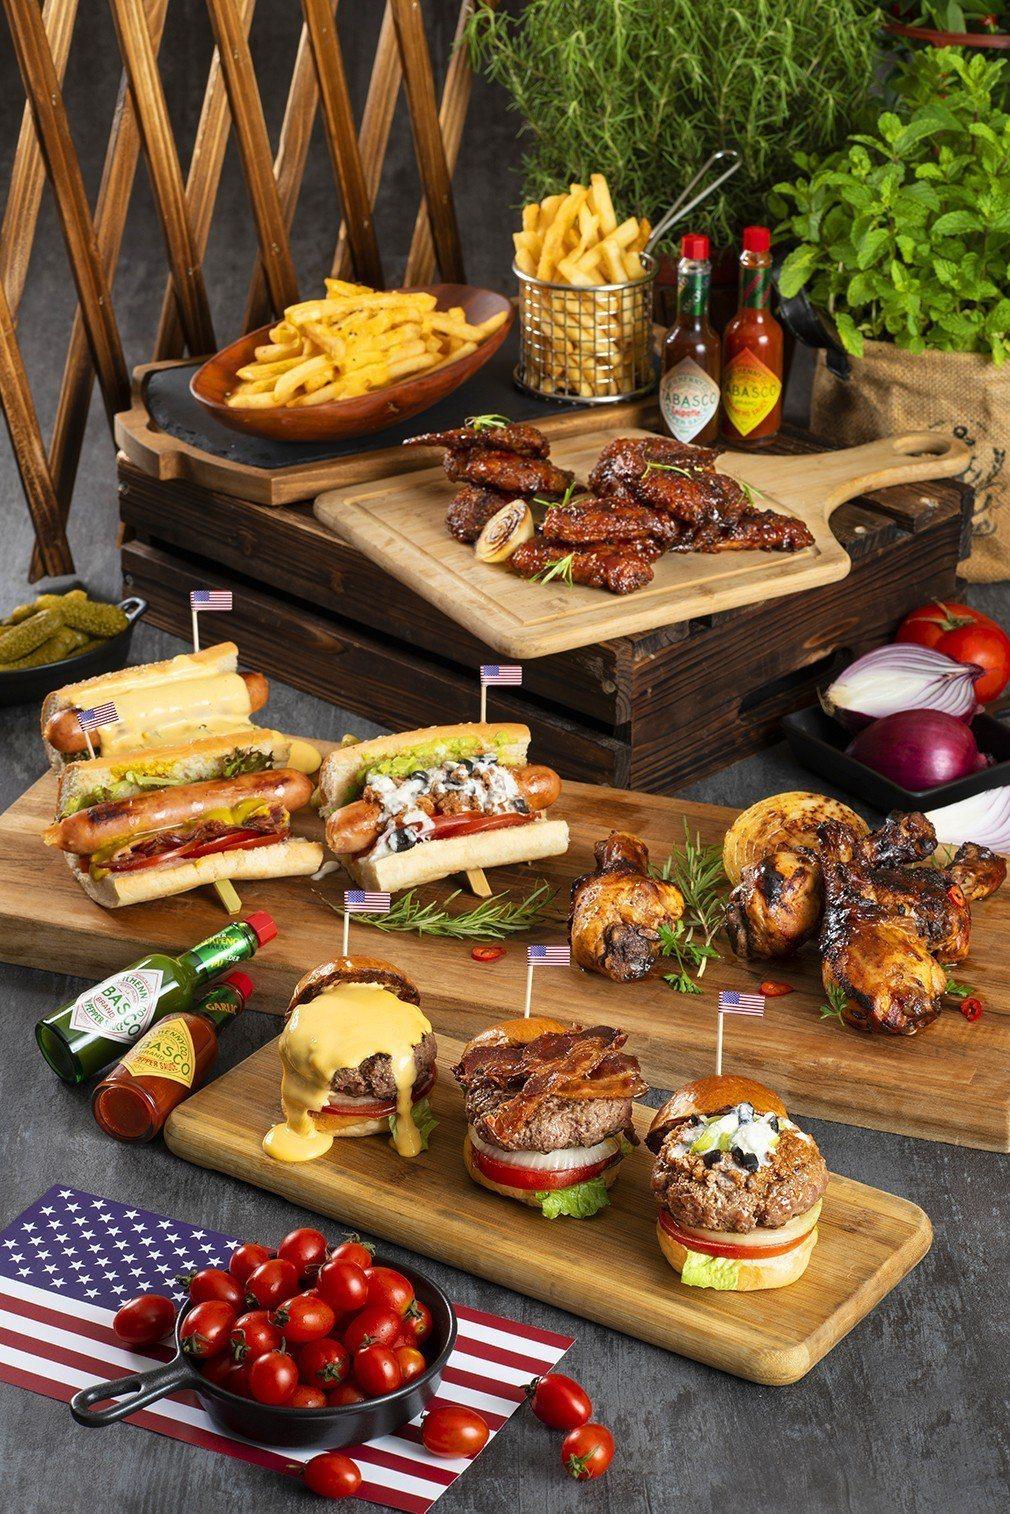 遠東Café 夏日美式炭烤派對美式佳餚豪邁盡享。香格里拉台北遠東國際大飯店/提供